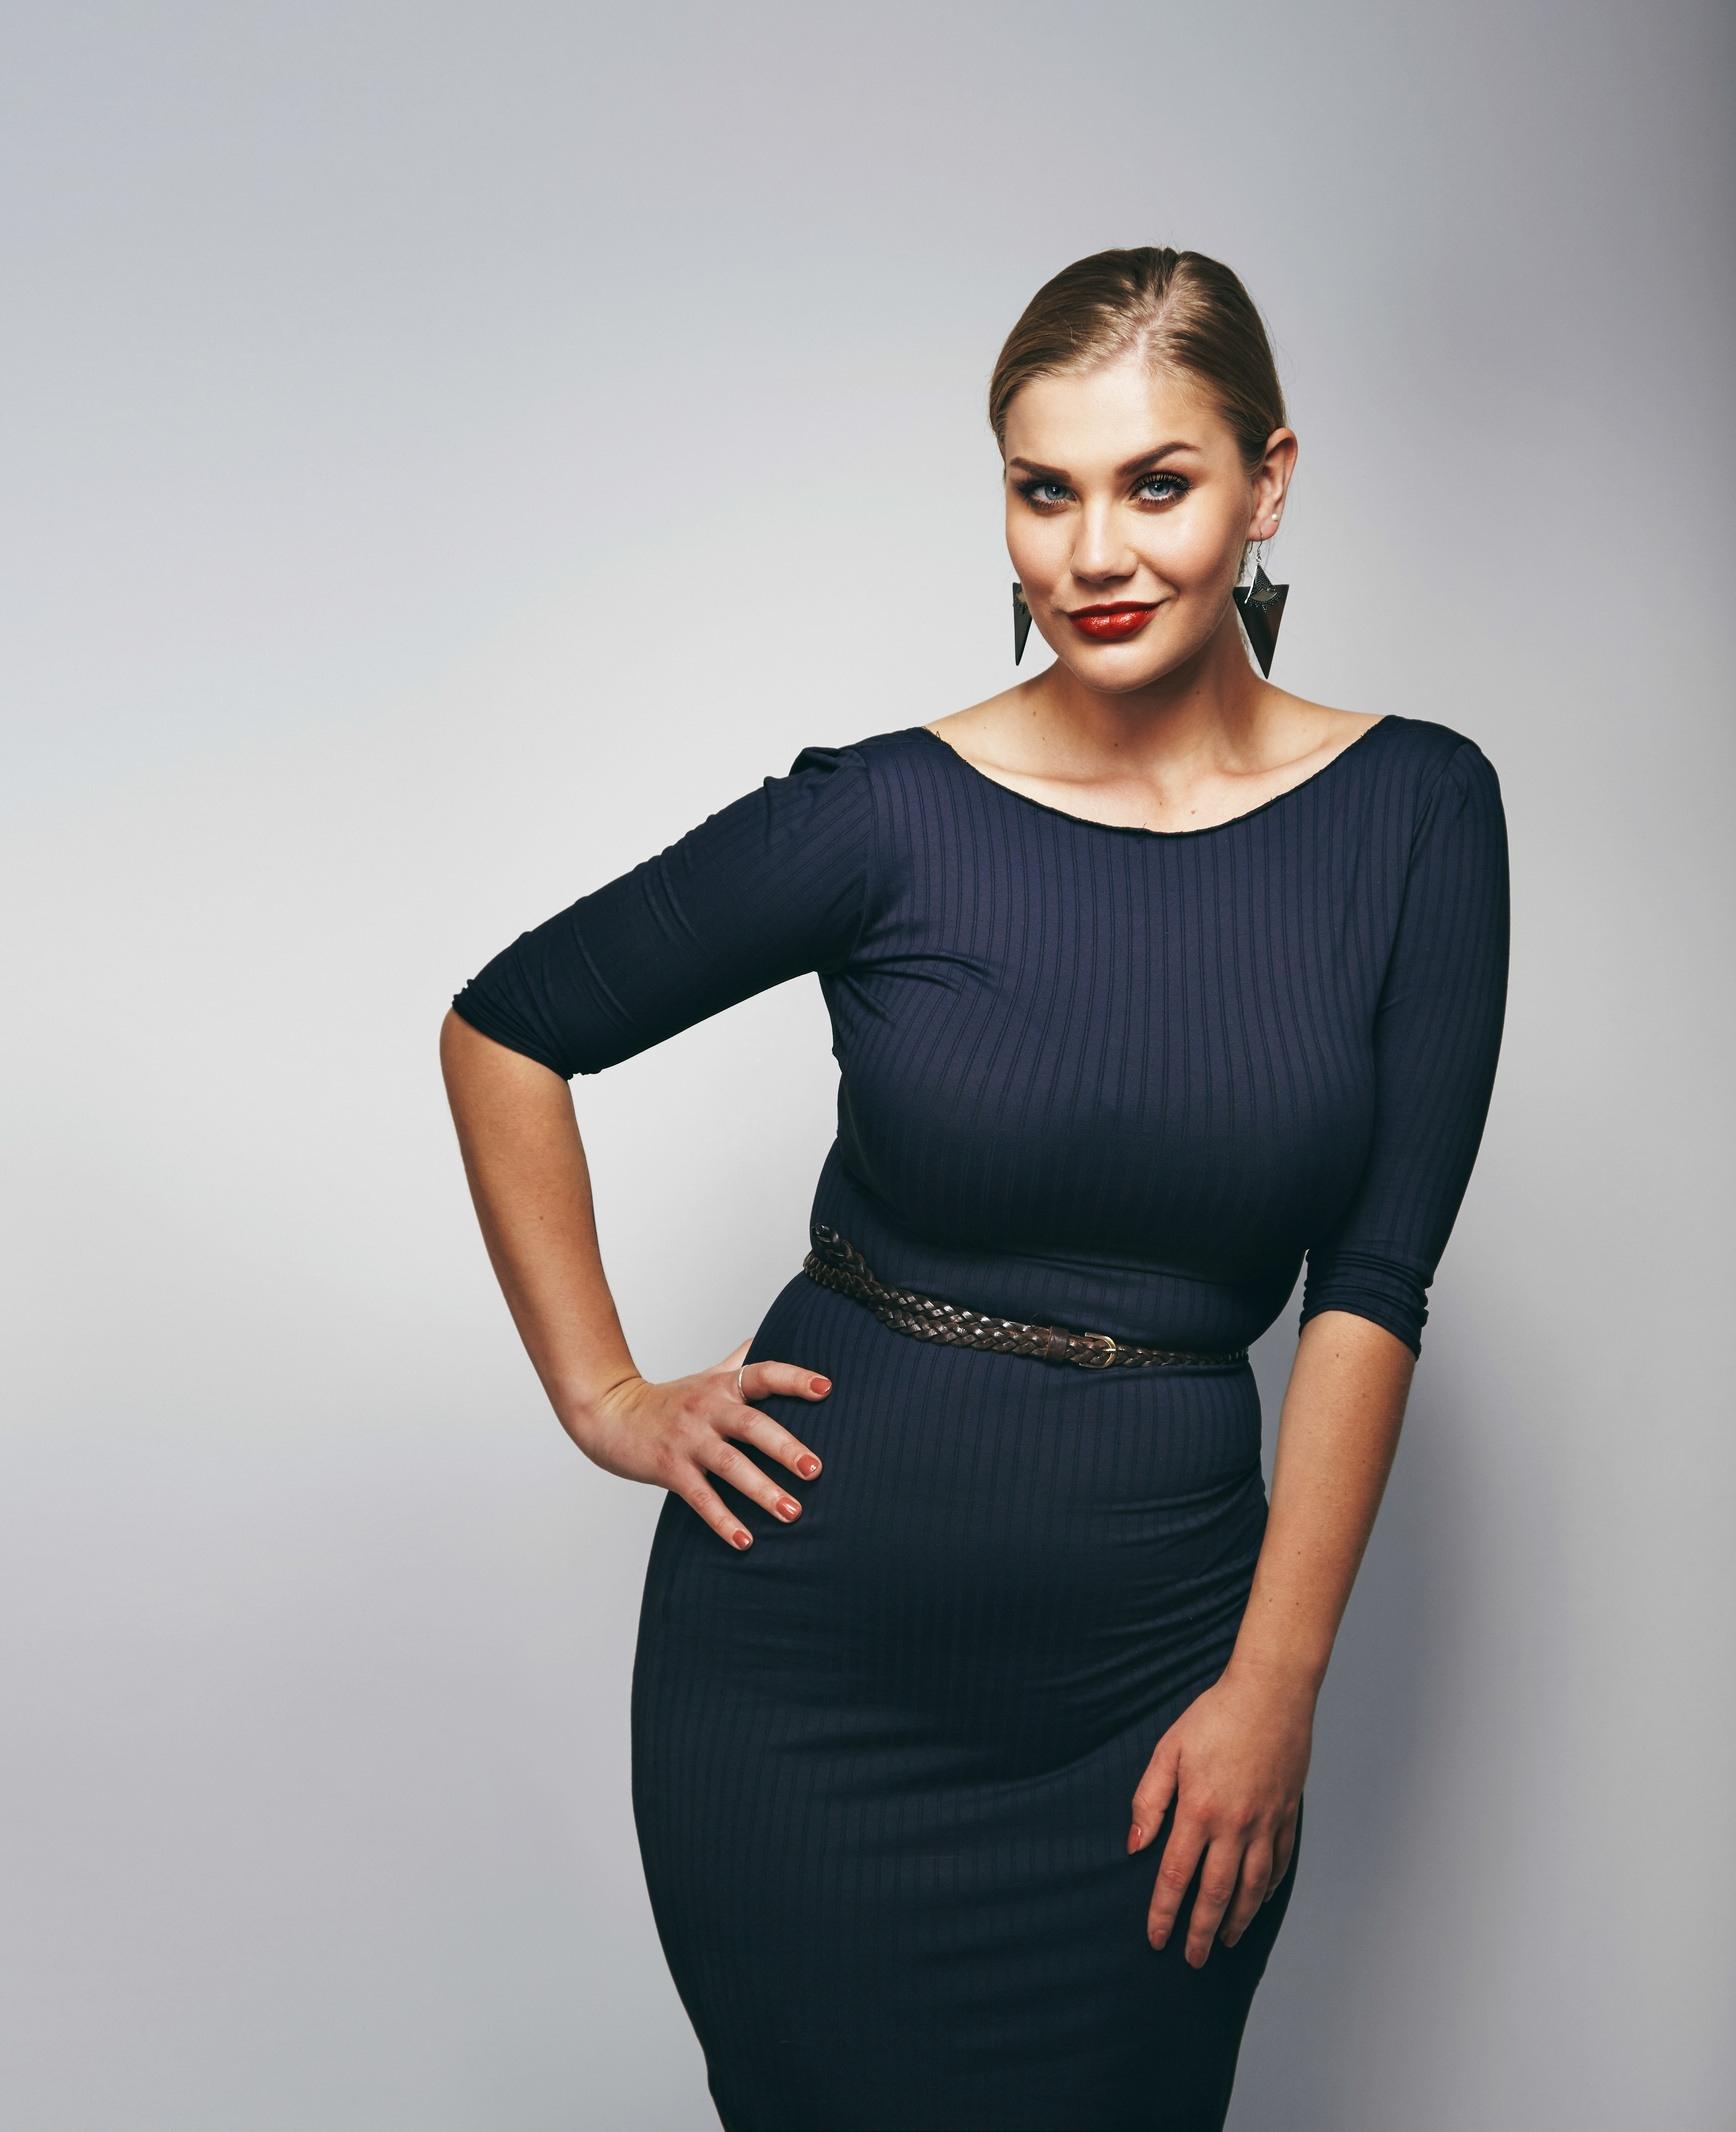 13 Elegant Elegante Kleider Für Ältere Damen Stylish17 Genial Elegante Kleider Für Ältere Damen Design